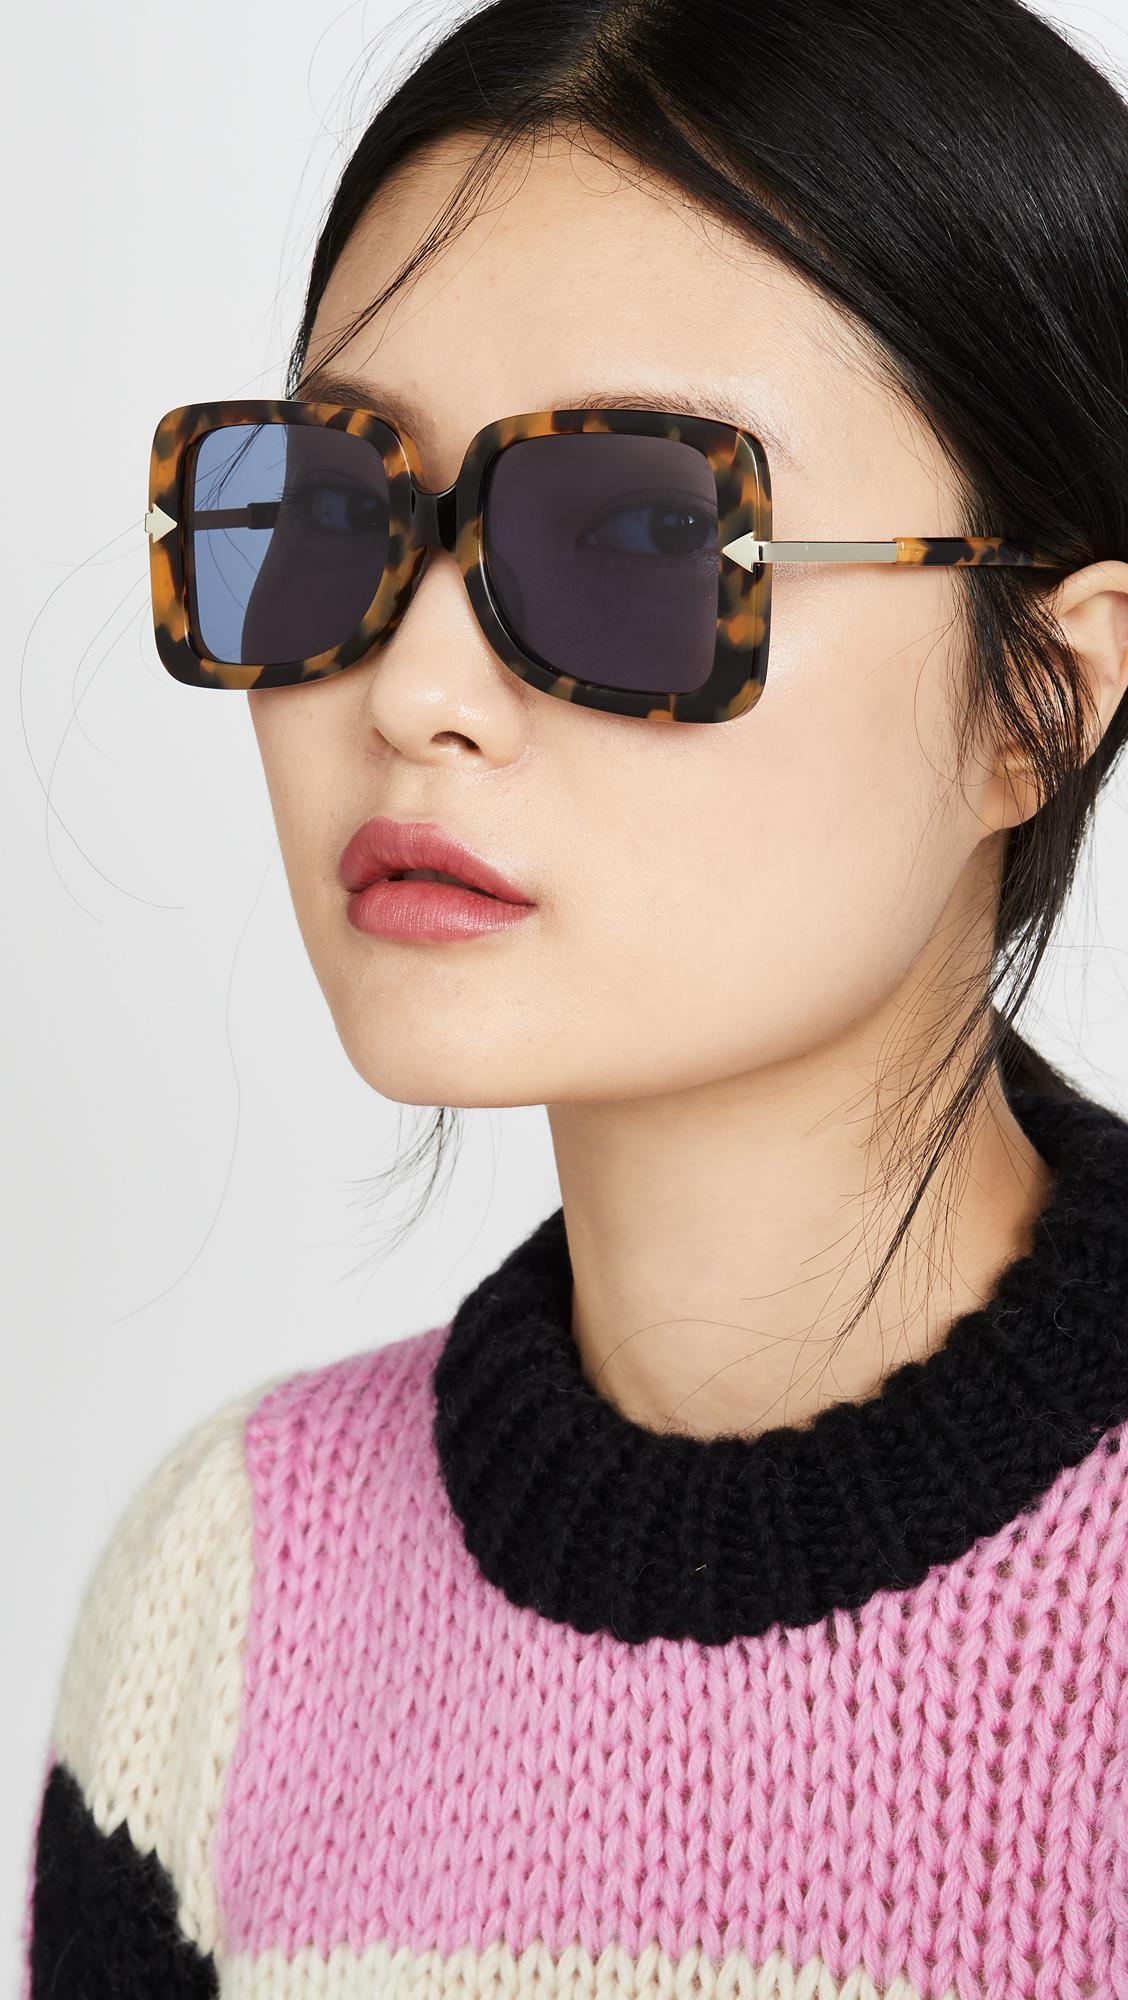 a265de0781f8 ... Alternative Fit Eden Sunglasses - Lyst. View fullscreen